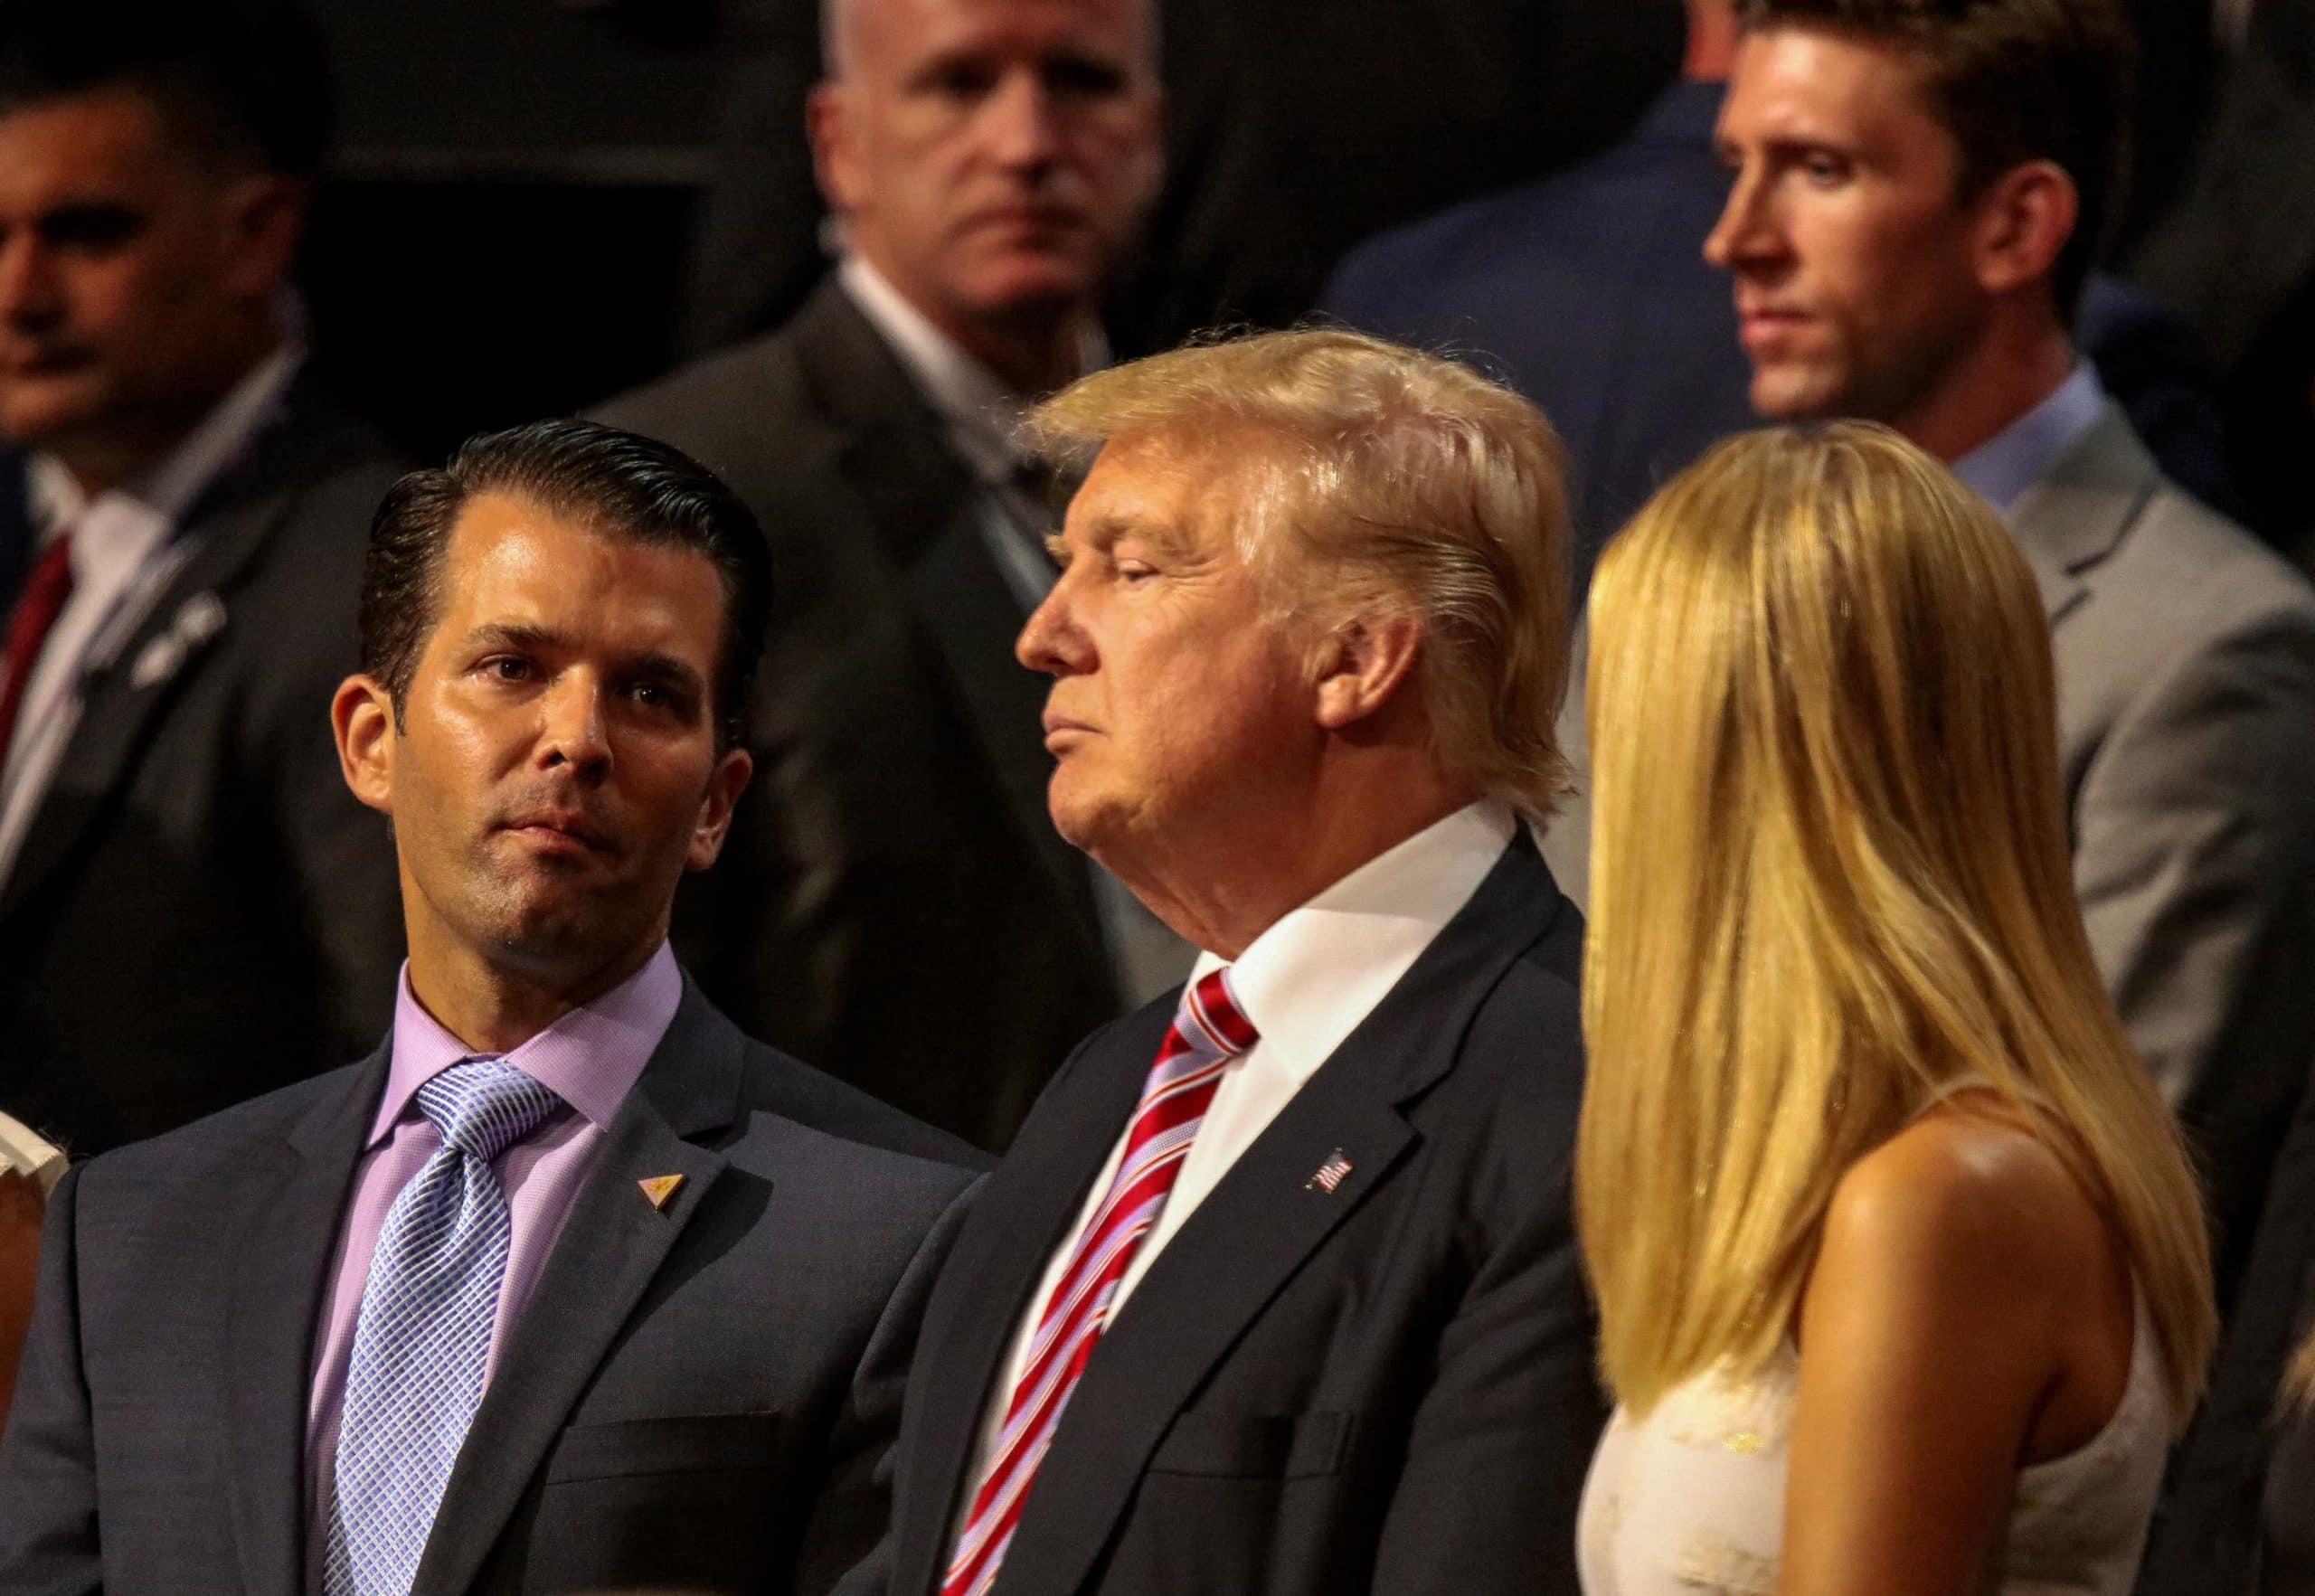 Donald J. Trump und sein Sohn Donald Trump Junior auf einer Veranstaltung.